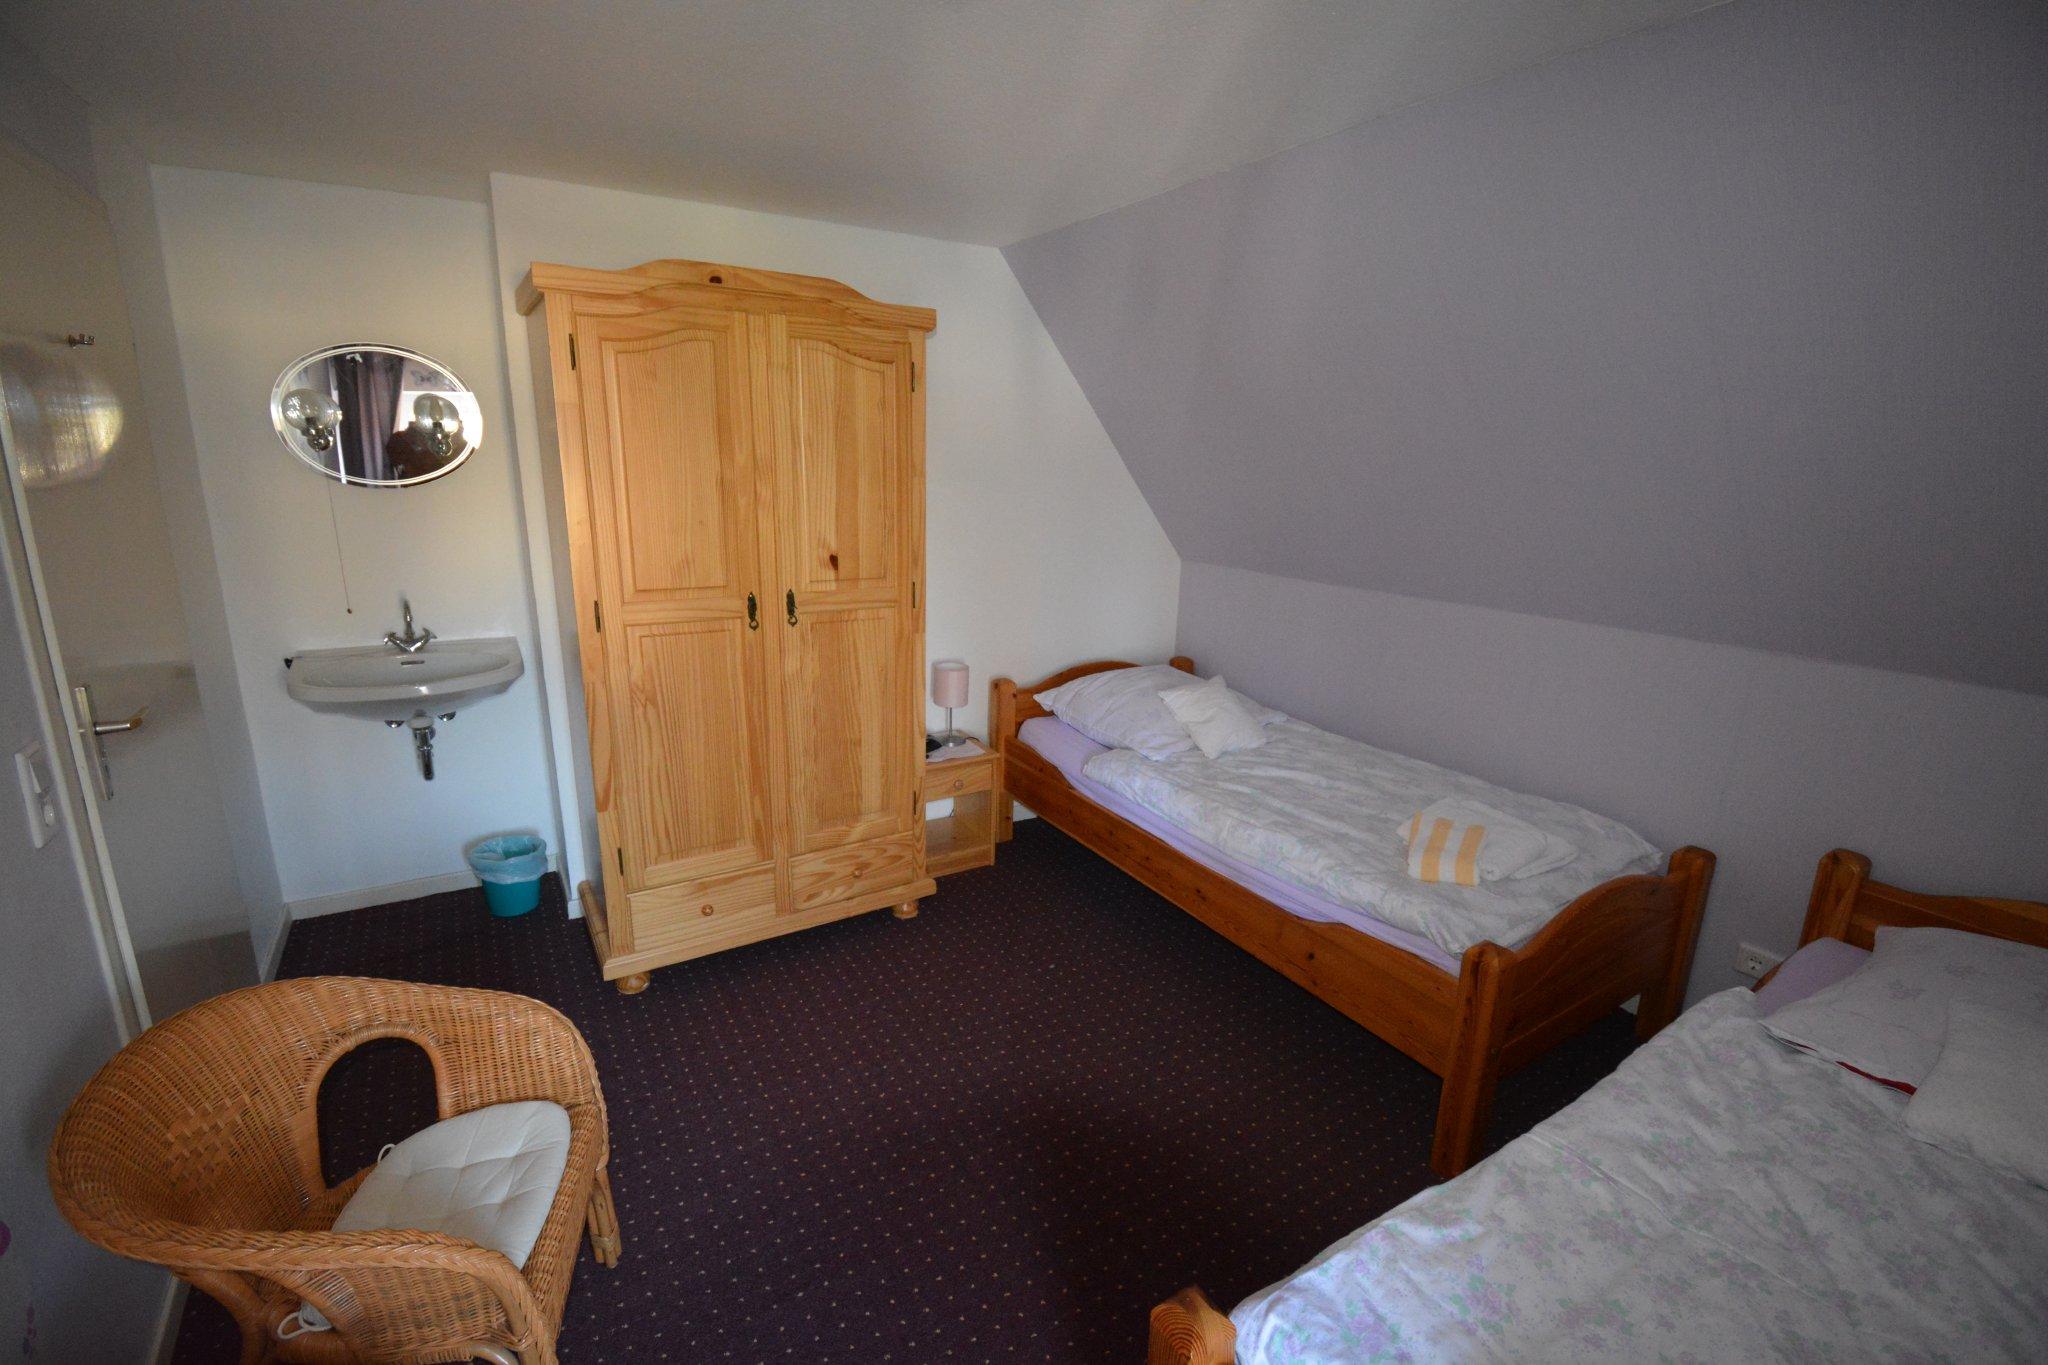 Zimmer mit bequemen breitem Bett